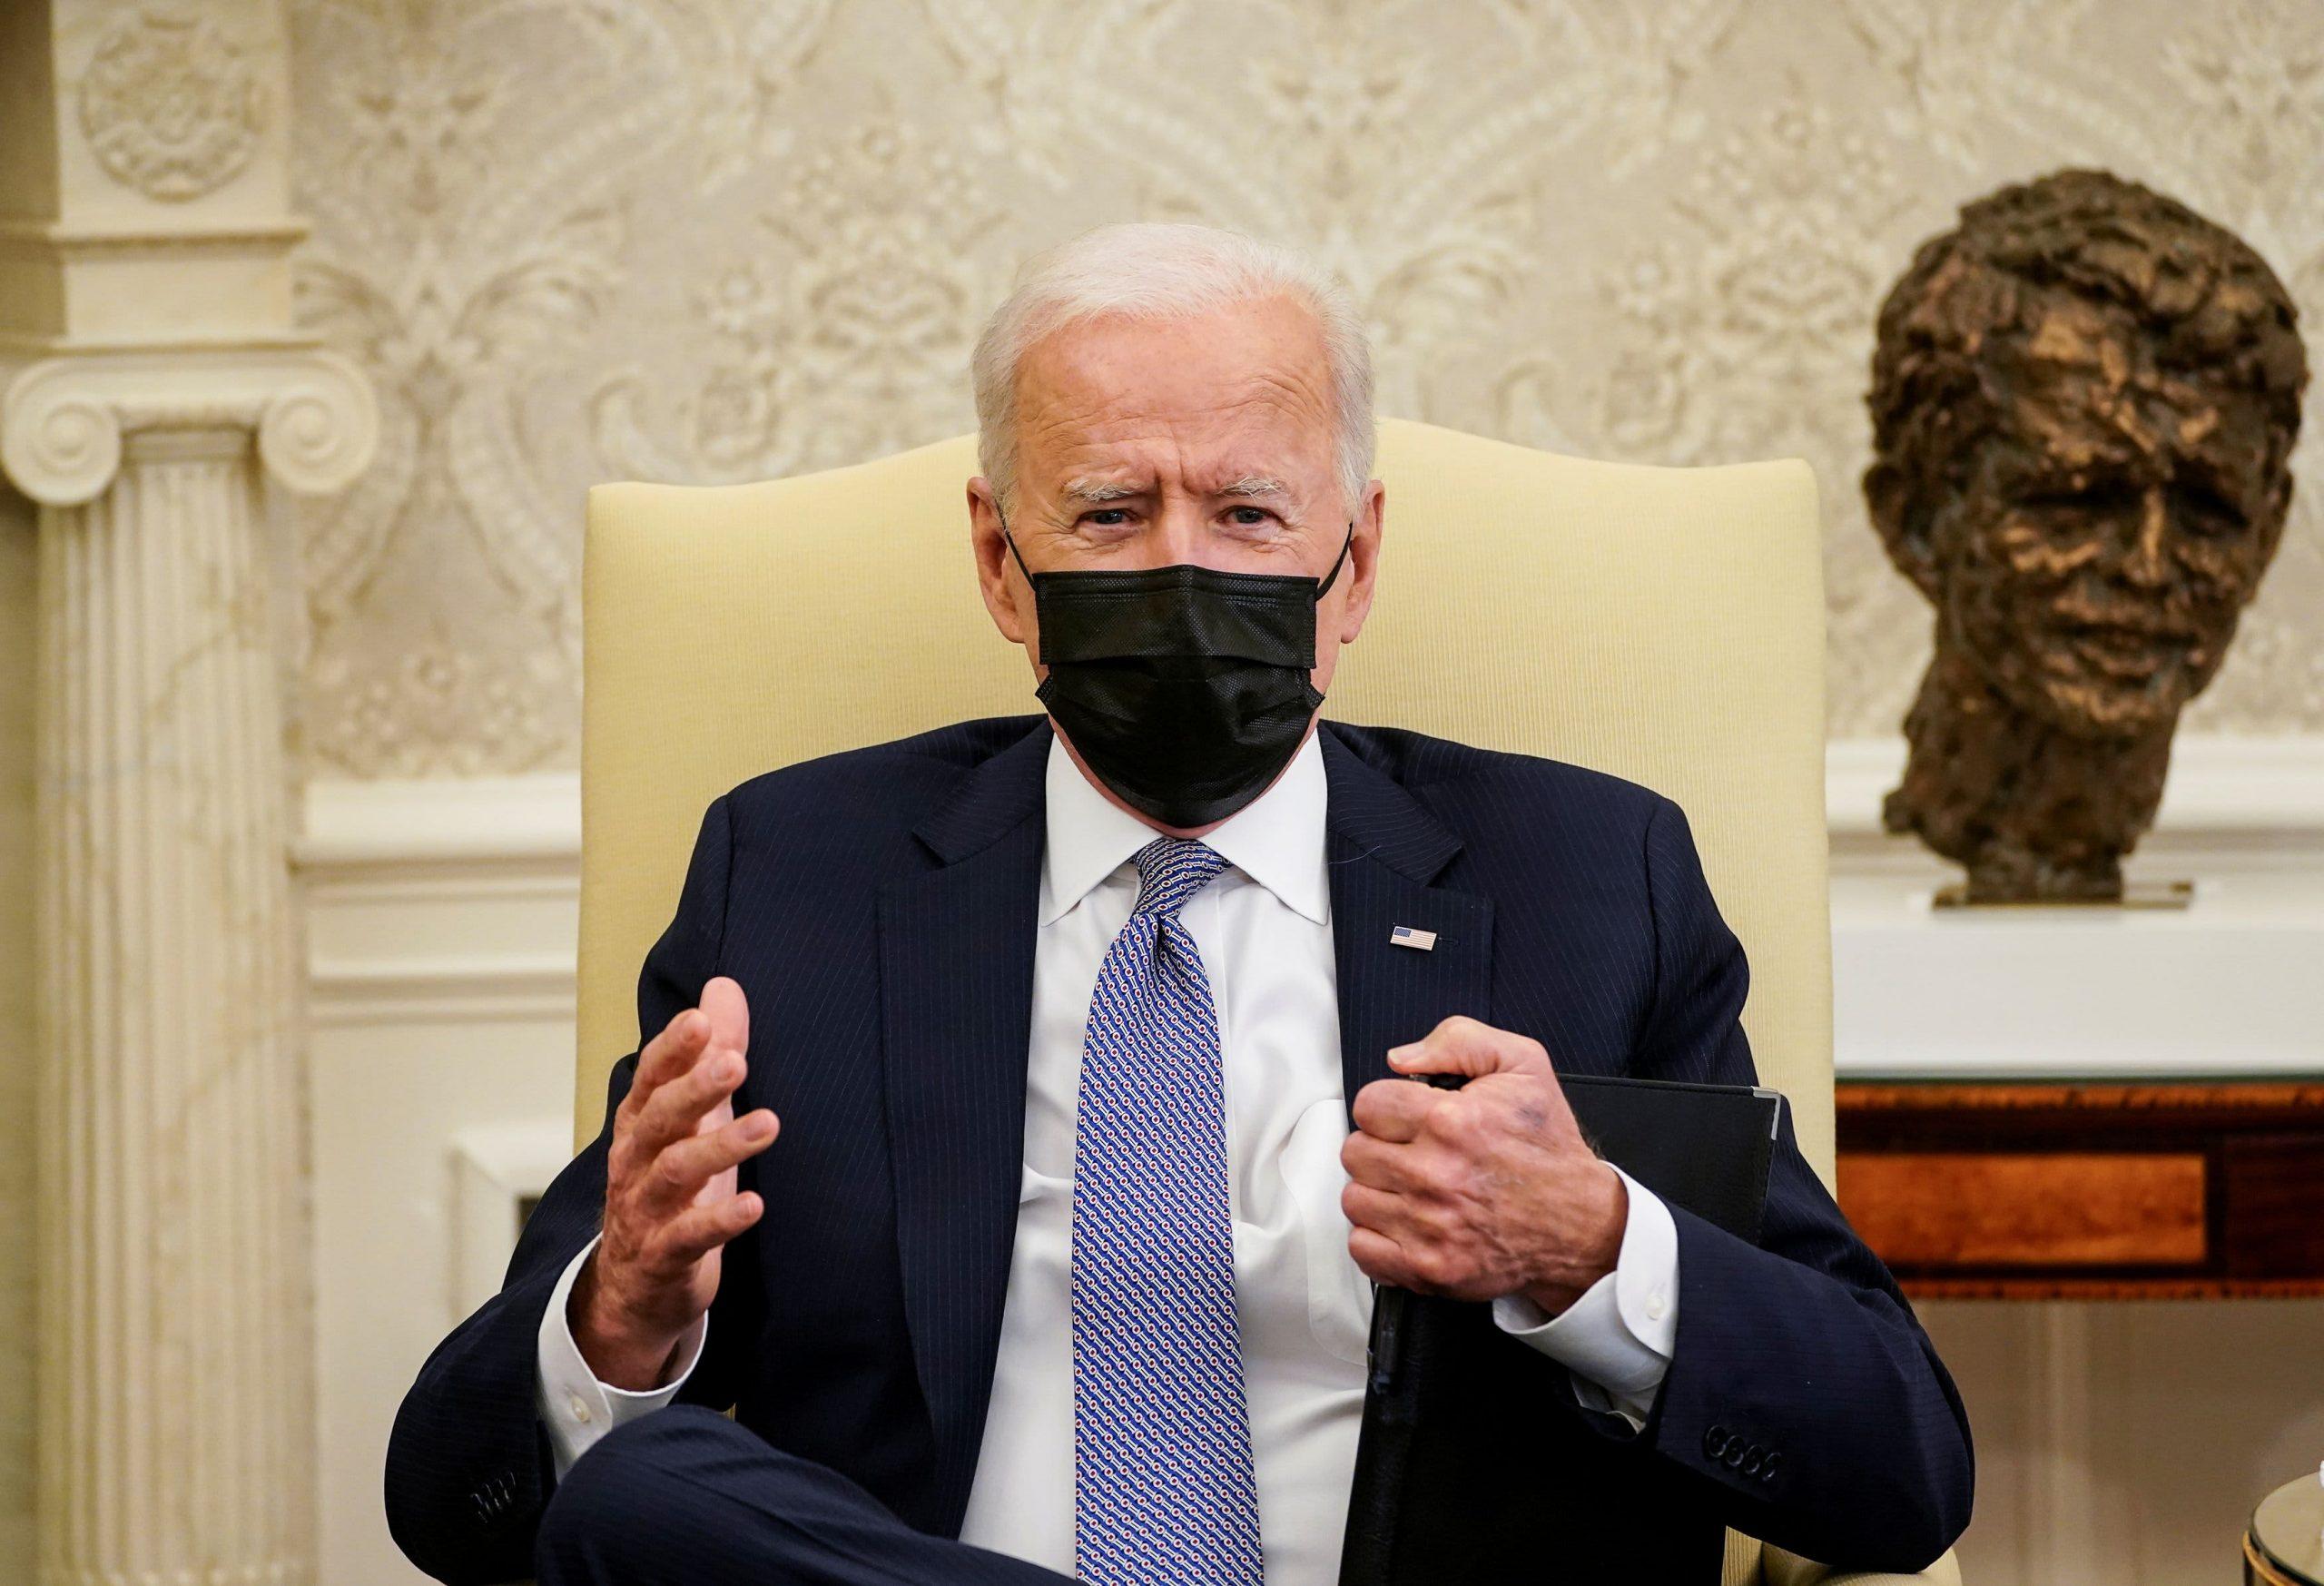 Biden says he is willing to negotiate infrastructure plan